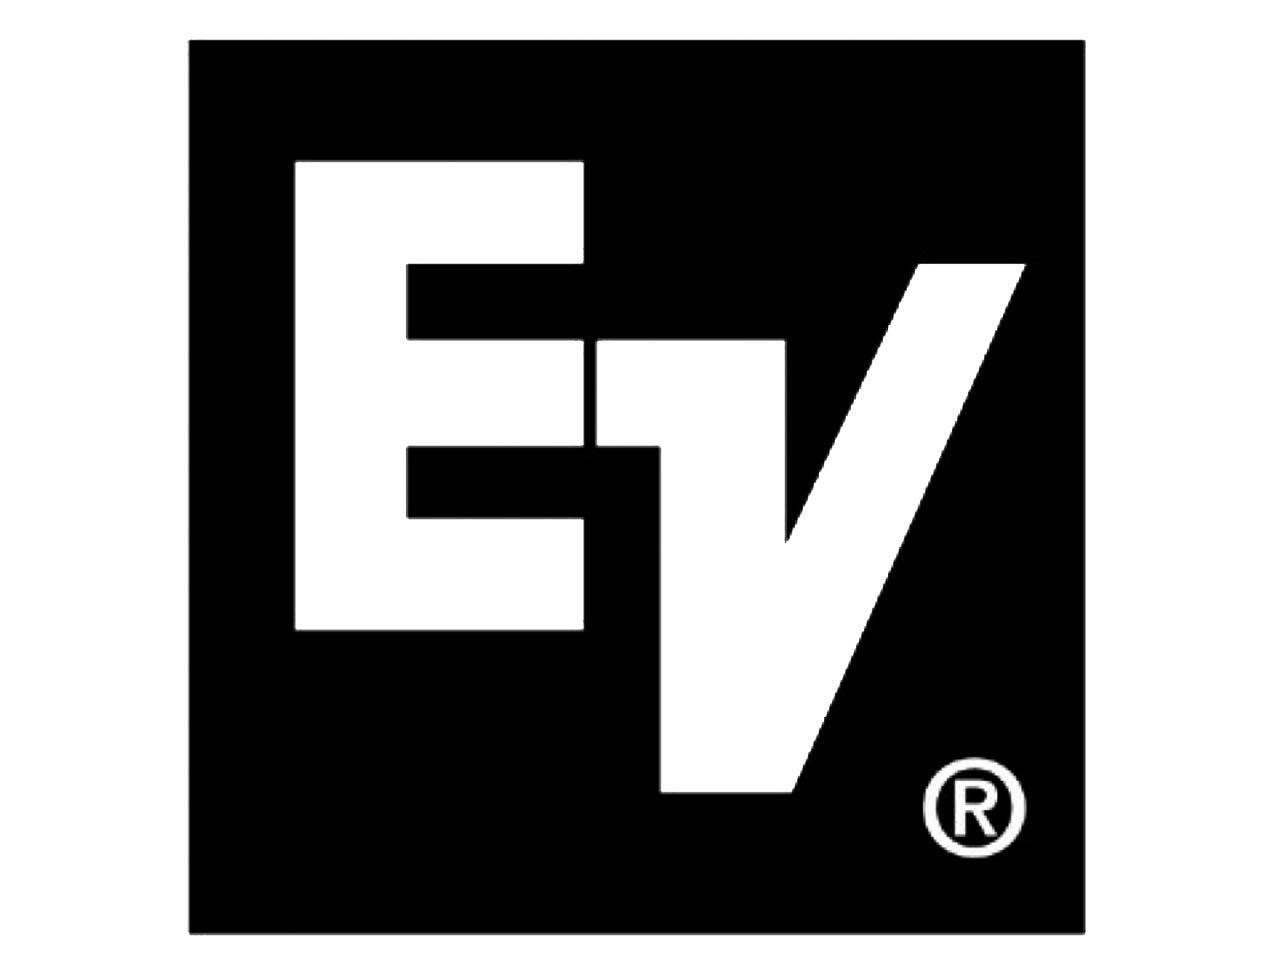 Electro Wandhalter Voice EV EKX-BRKT12 Wandmontagebügel Wandhalter Electro für EKX-12 und EKX-12P 12a93b